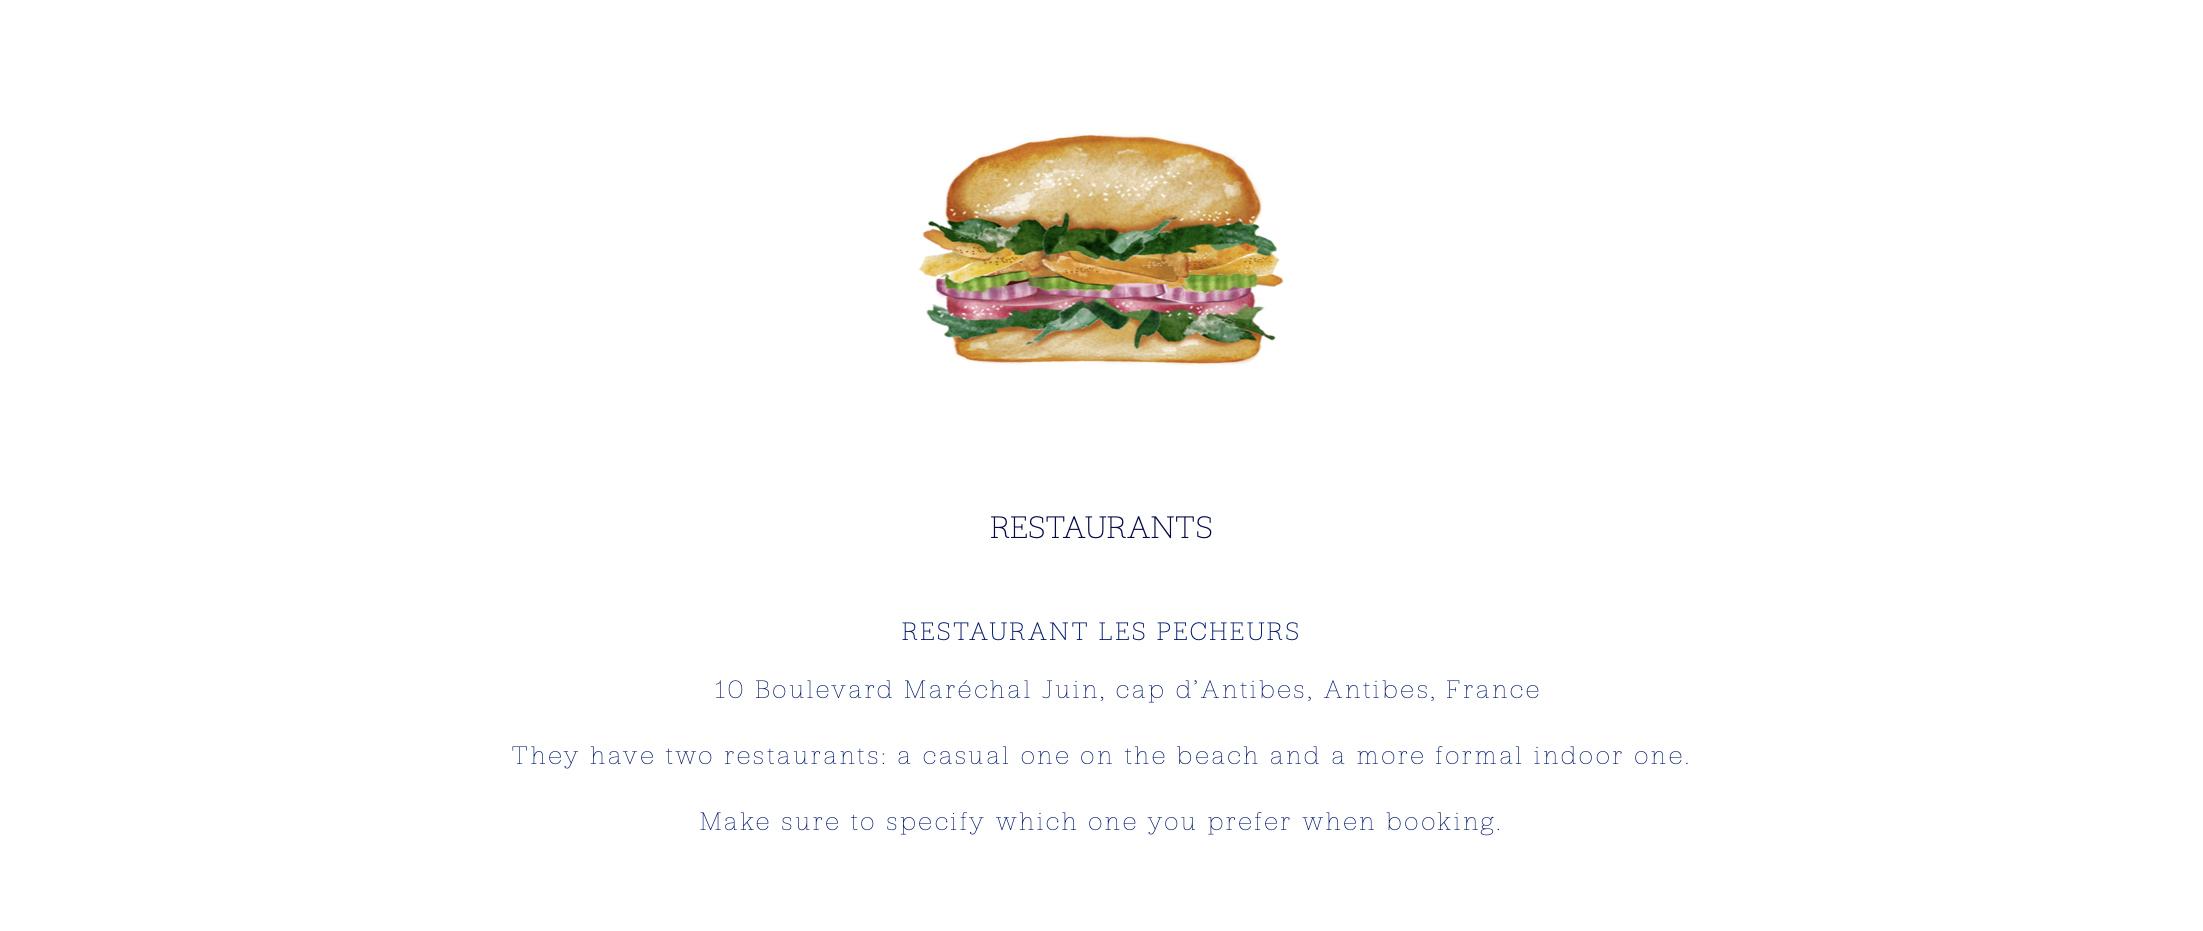 008.Restaurants.jpg